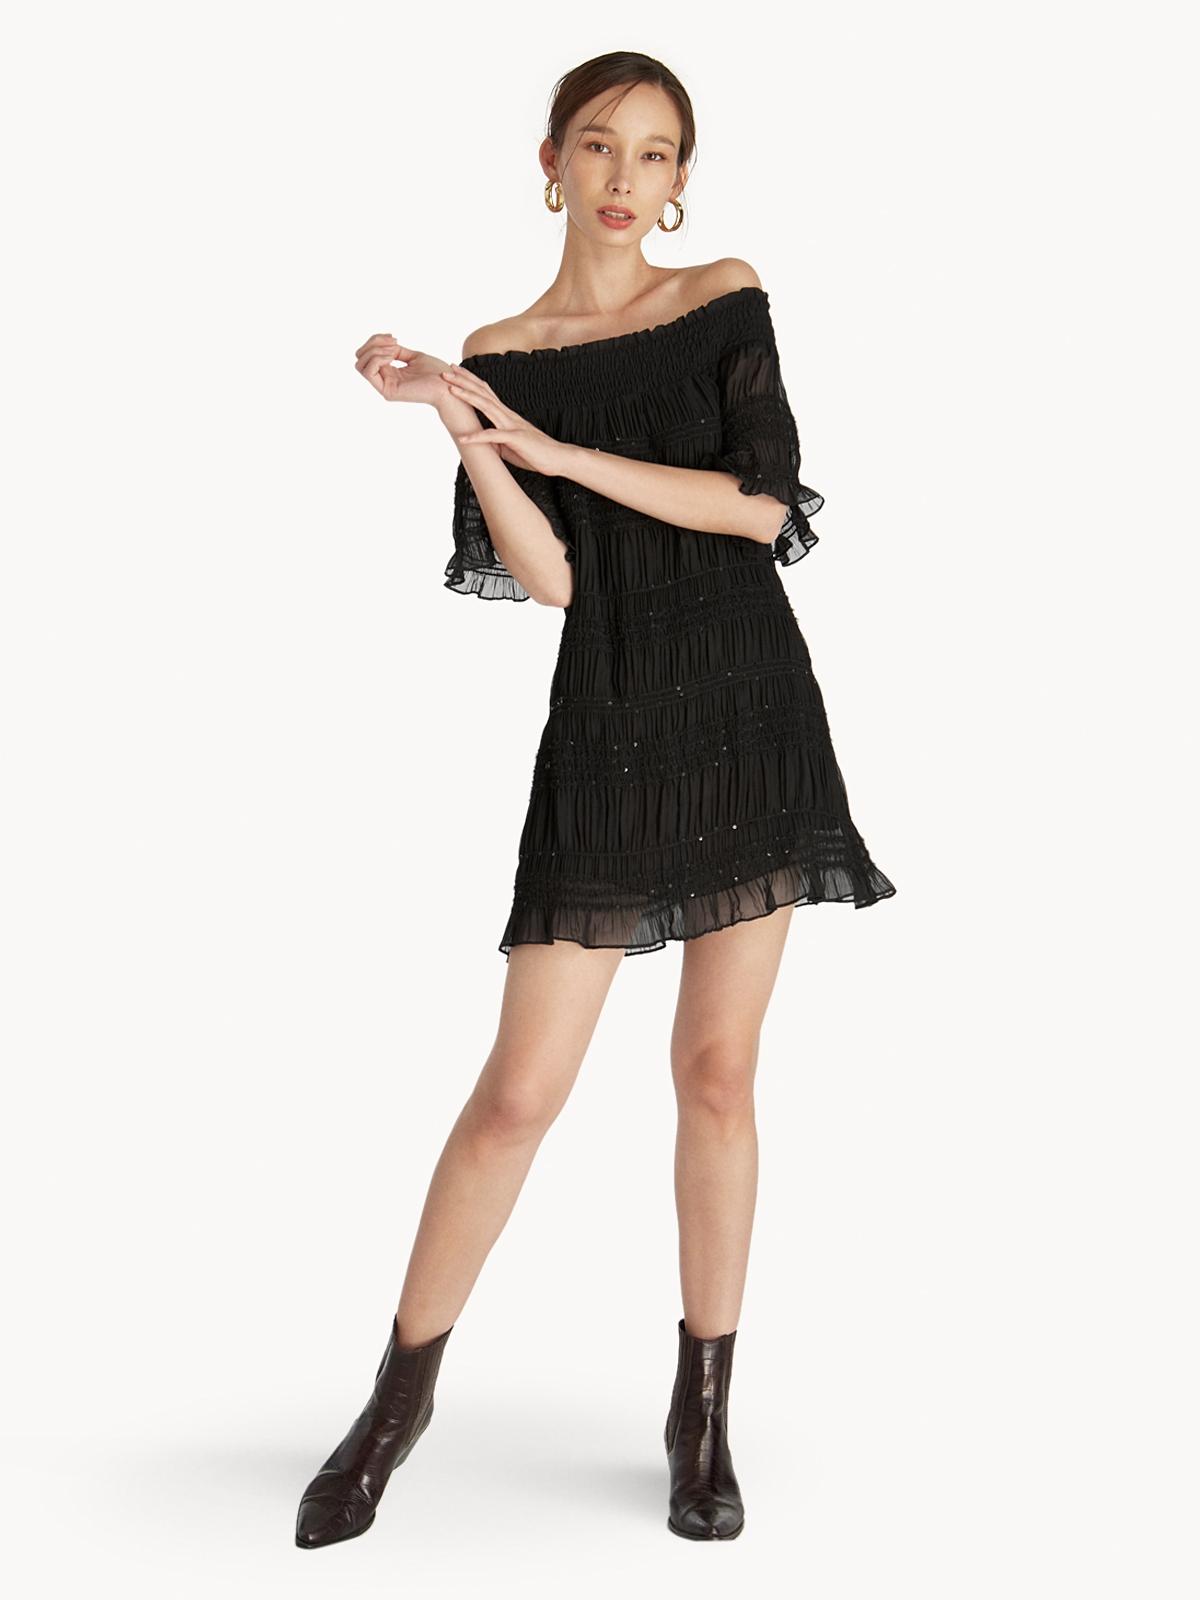 12470d6d034 Off Shoulder Frill Dress - Black - Pomelo Fashion